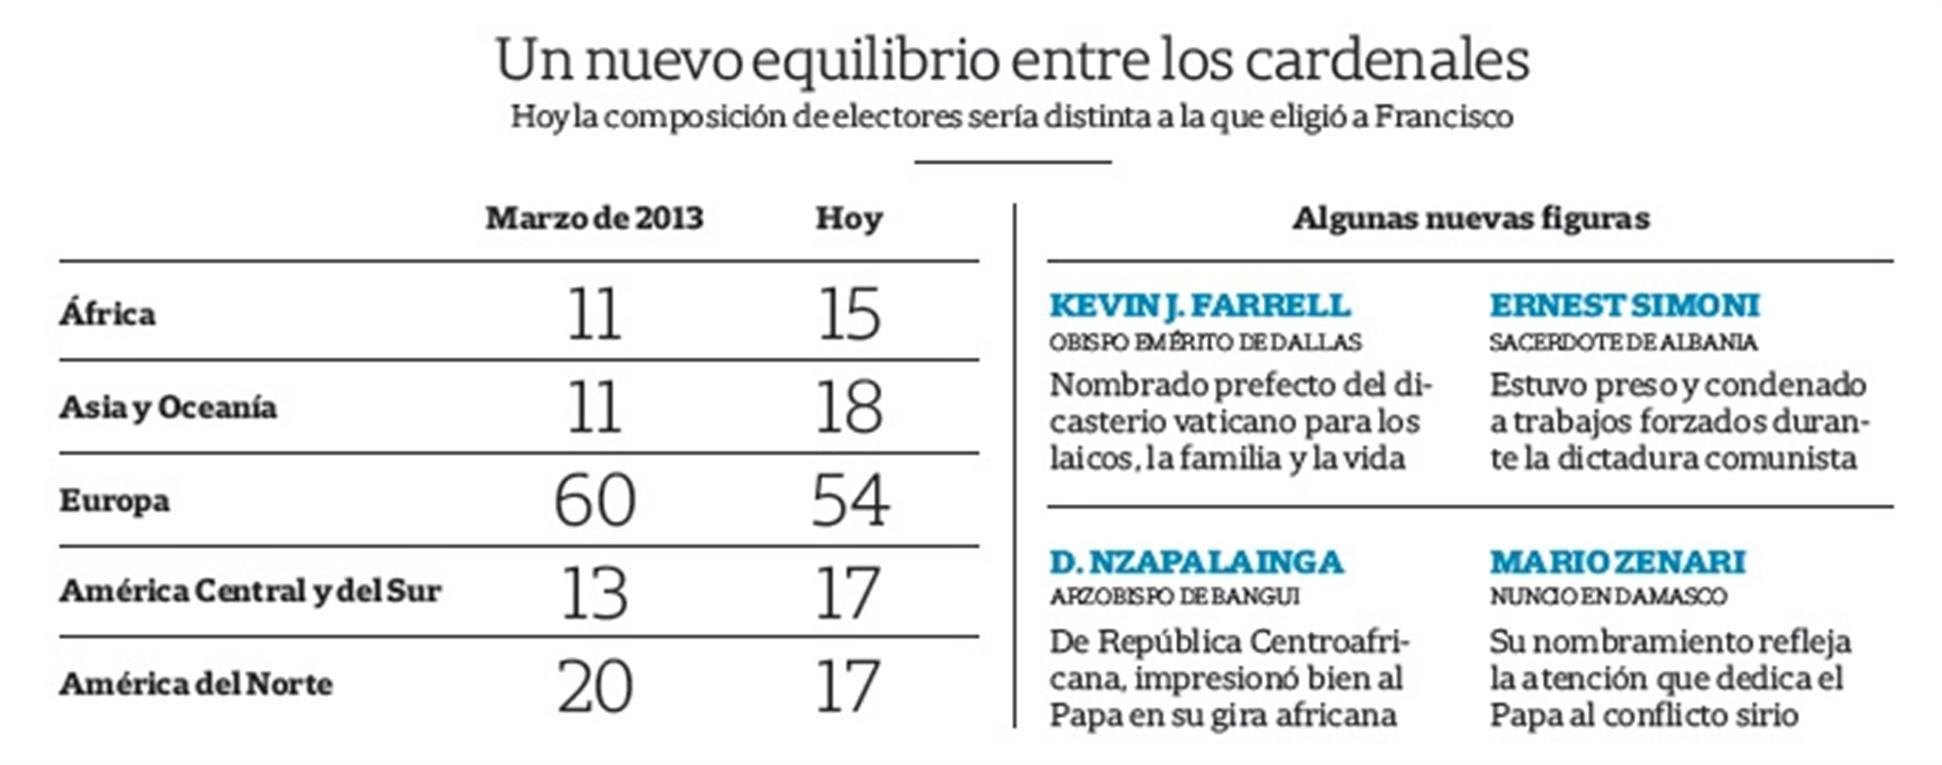 Fuente: Diario La Nación (Argentina)